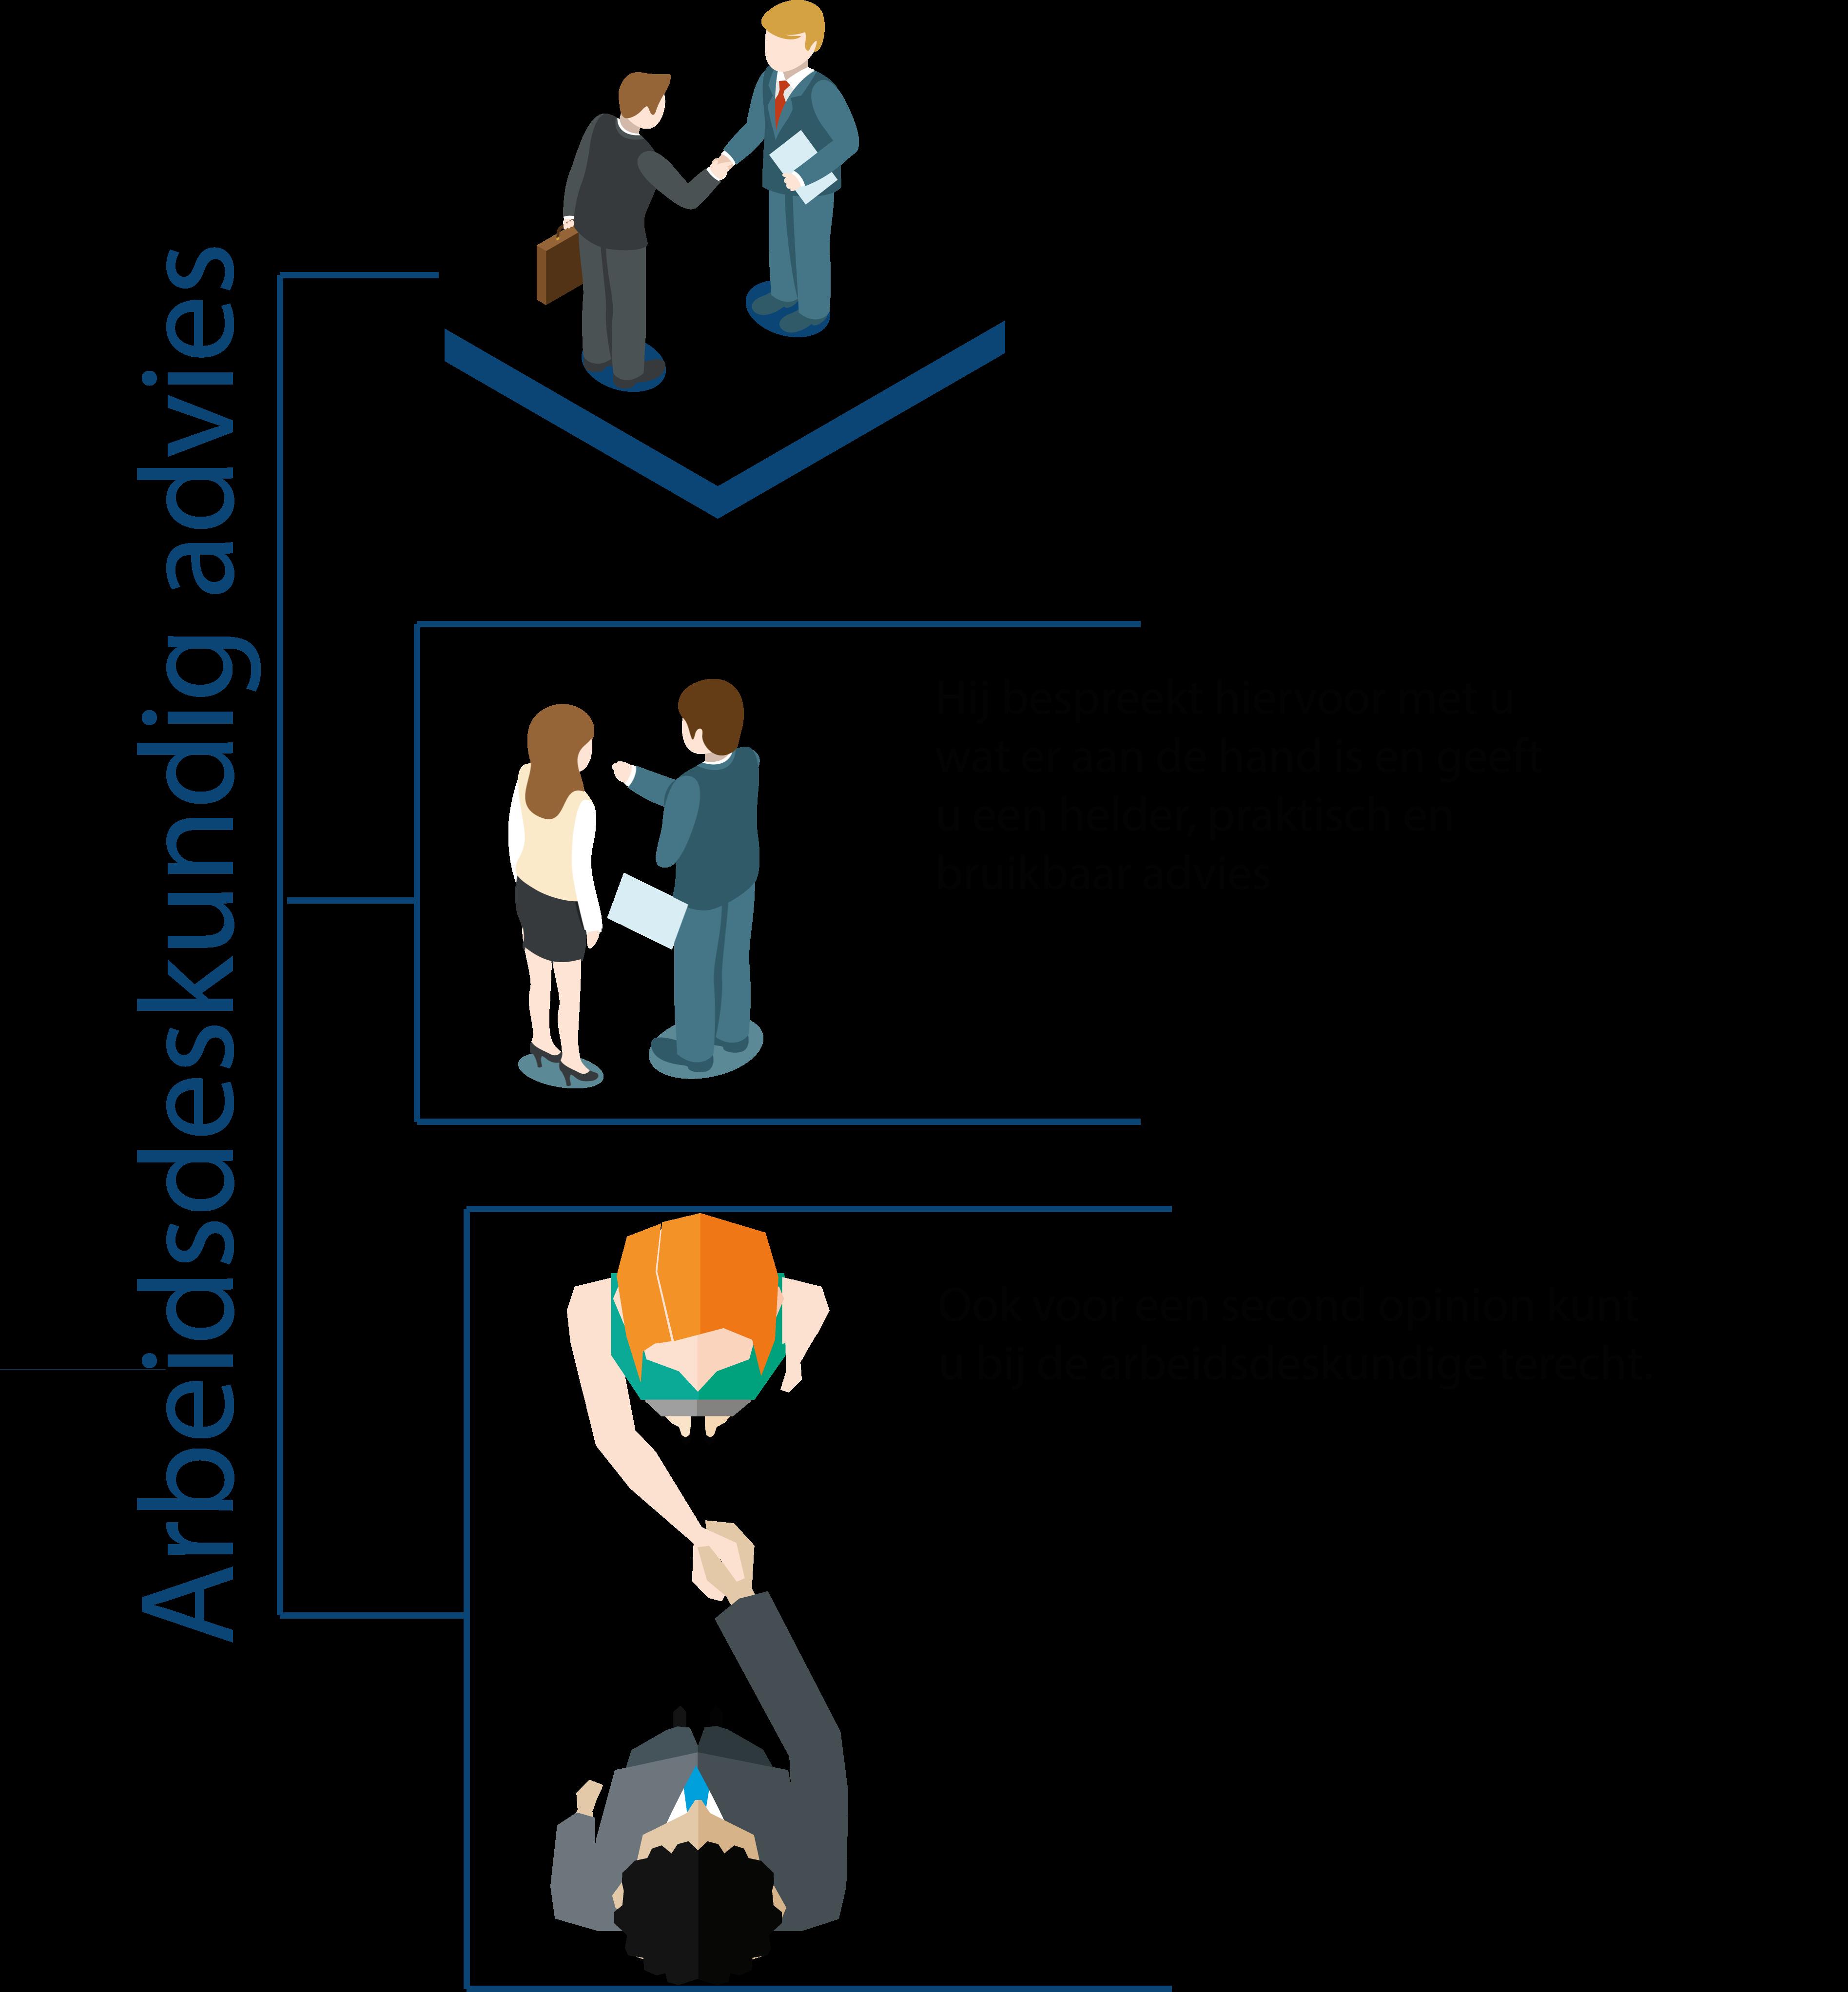 Via het Het ZZP Zorgloket krijgt u werkadvies van een arbeidsdeskundige. De arbeidsdeskundige kijkt wat u nog kan doen en welke aanpassingen er nodig zijn.